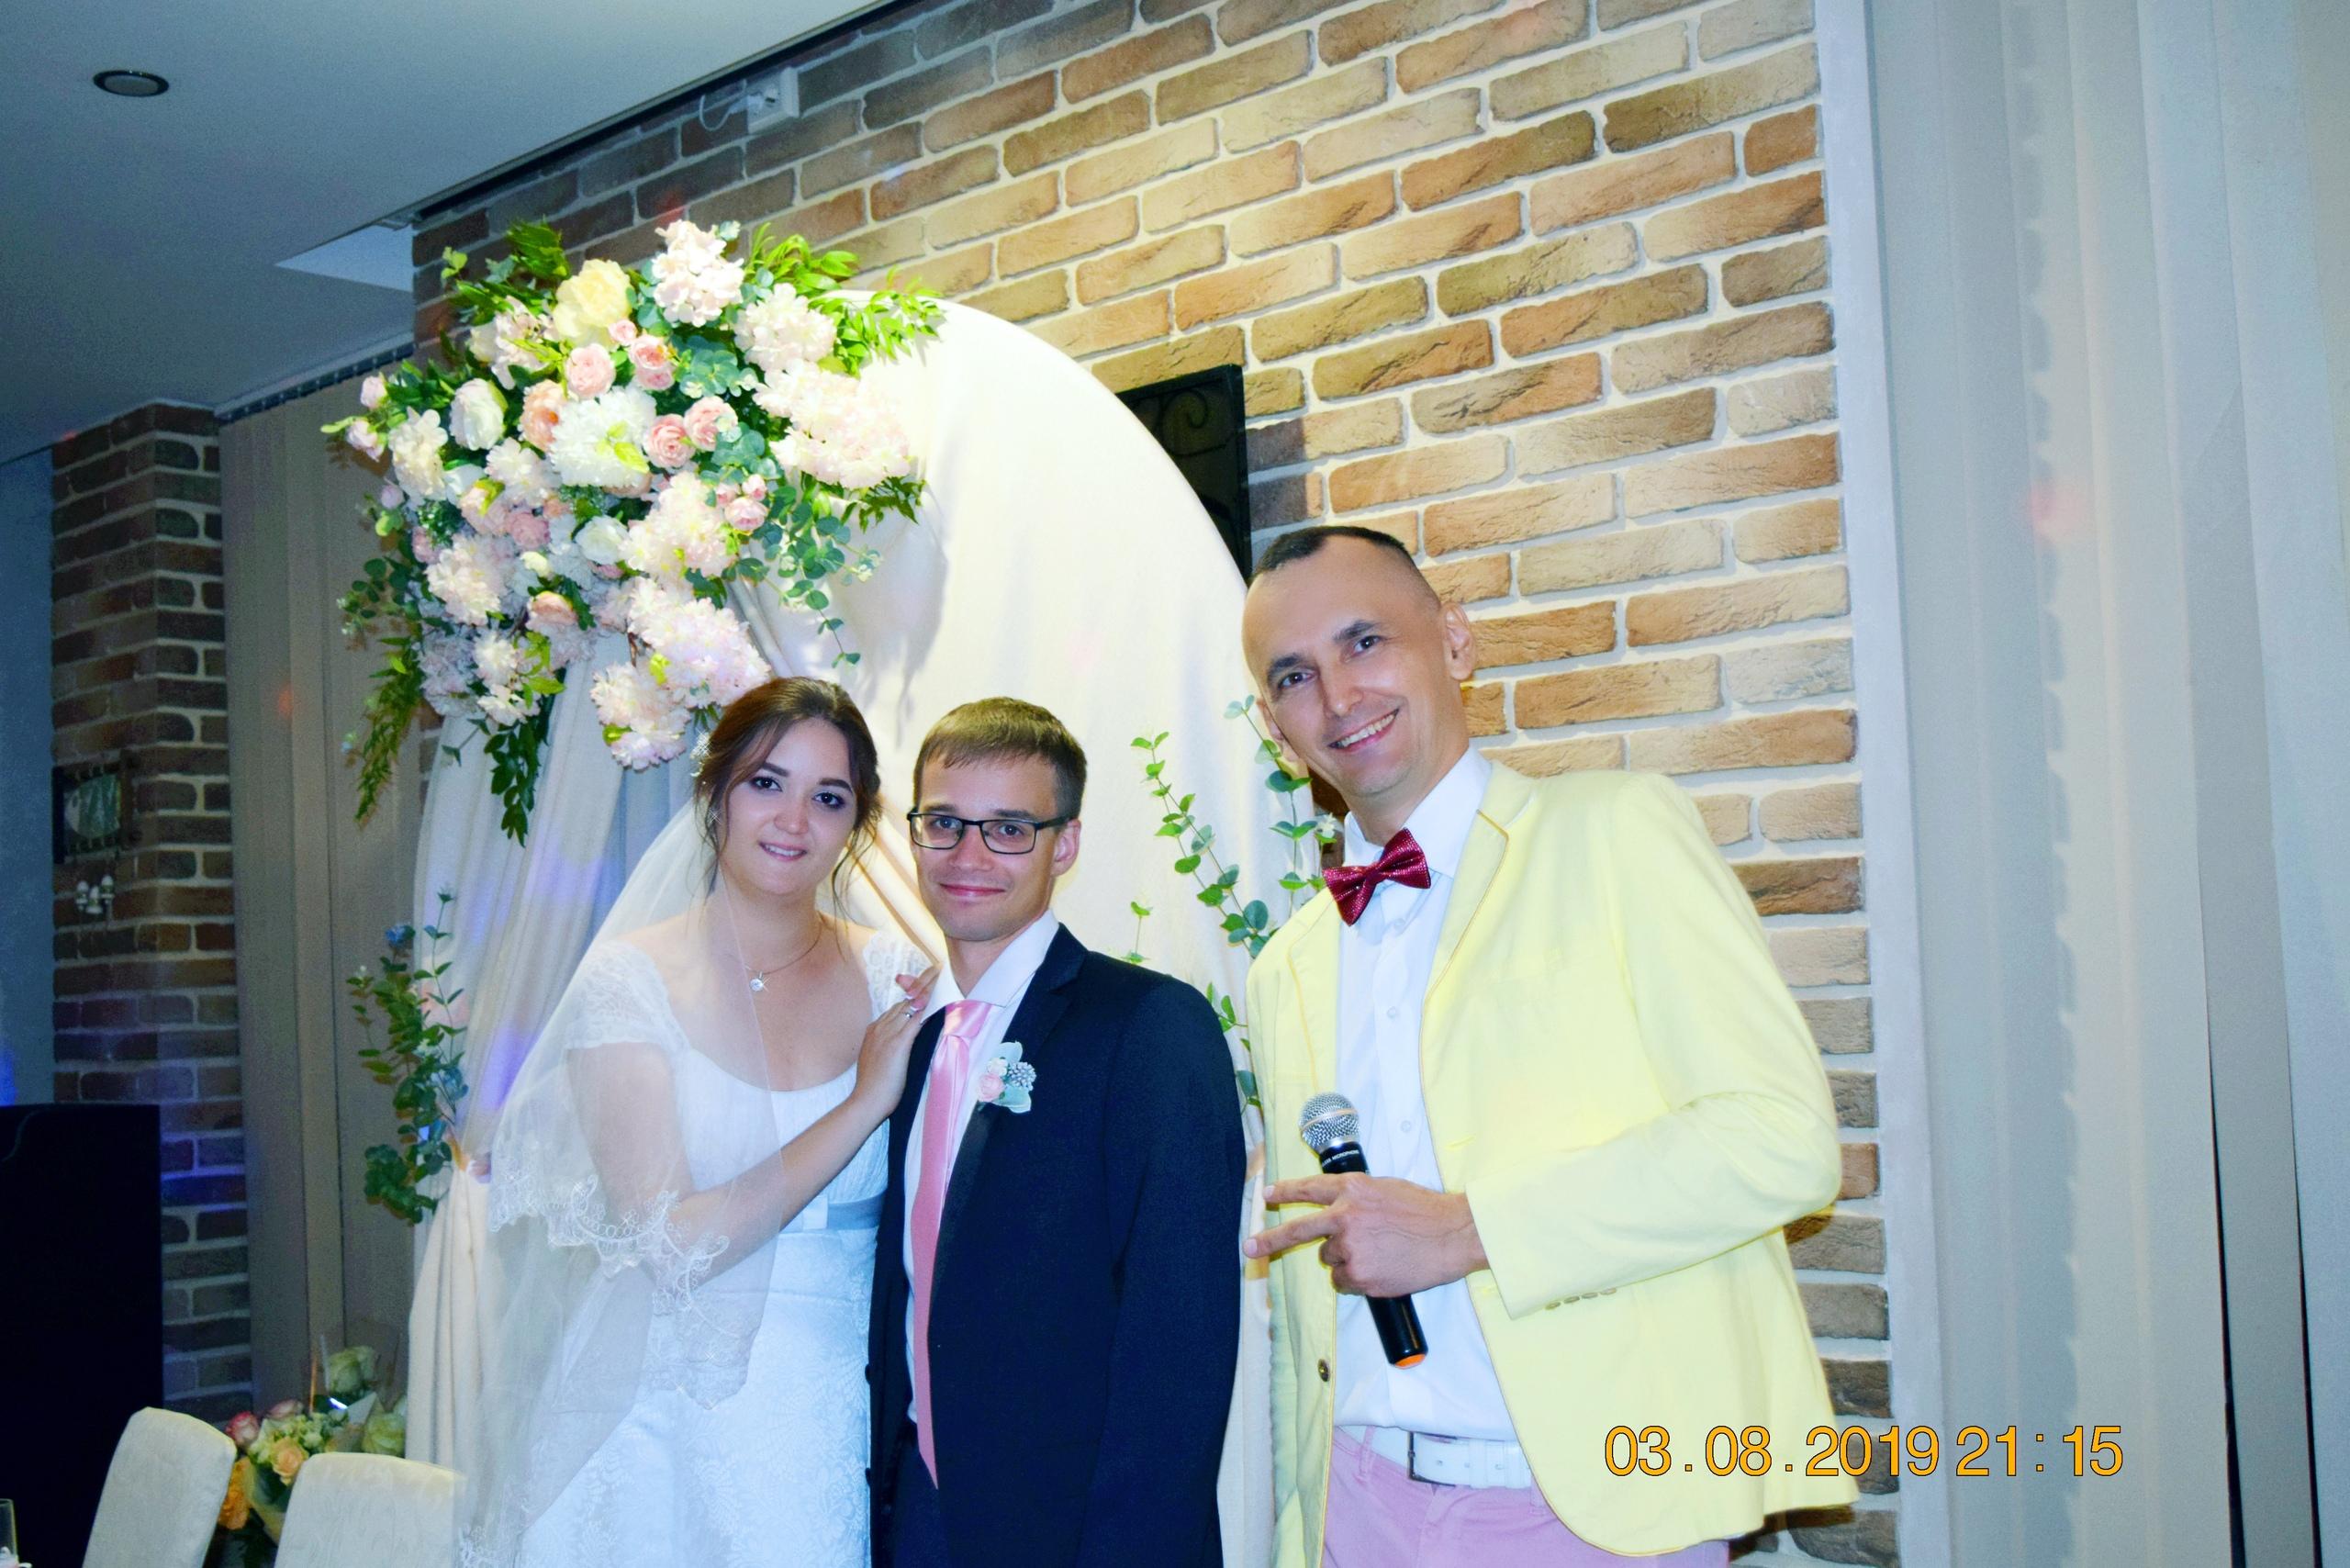 kmqupSfoV40 - Свадьба Андрея и Анны